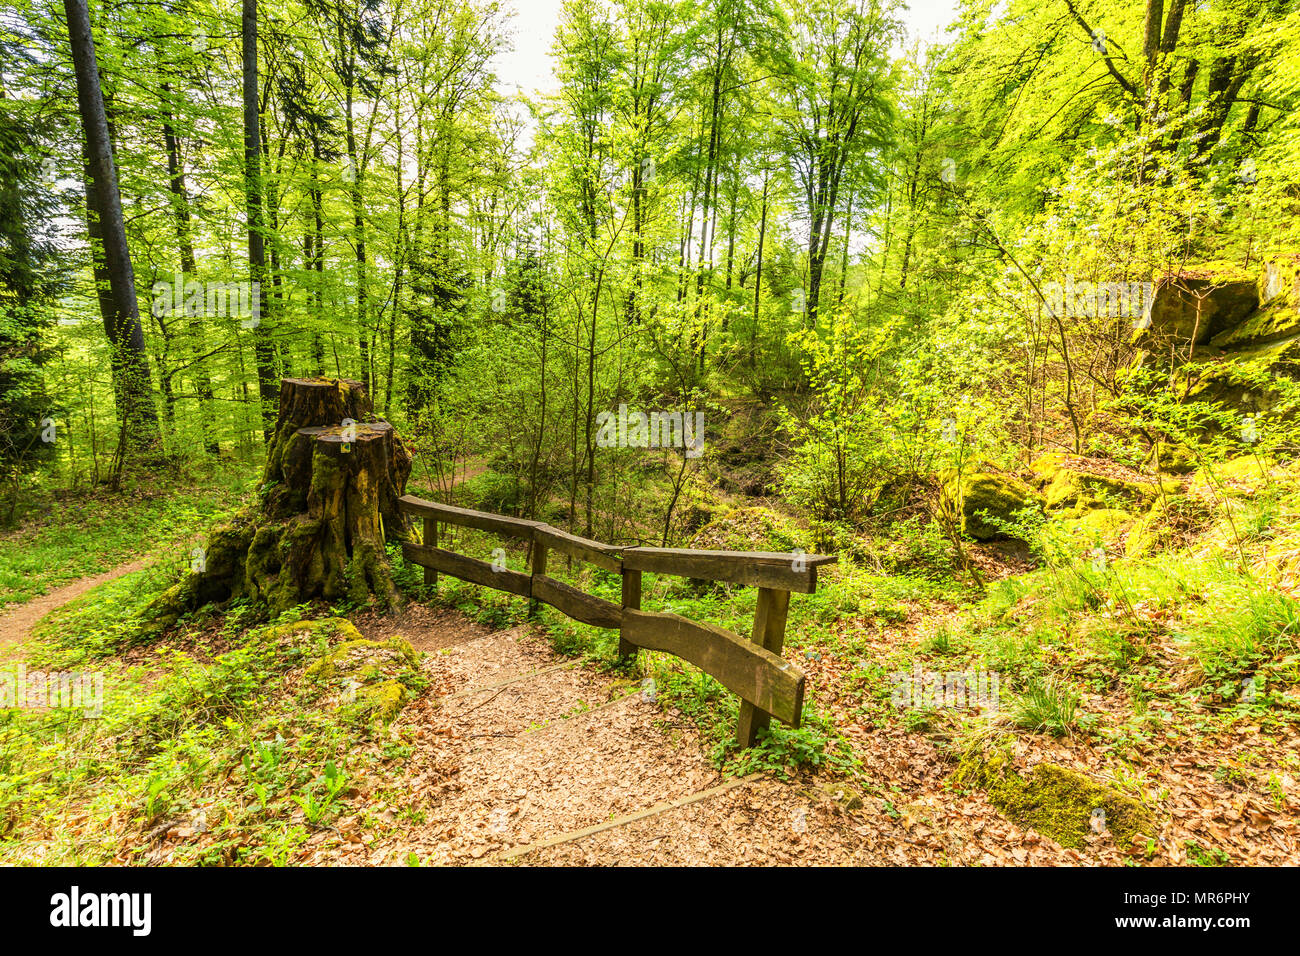 Schöner Frühling Waldlandschaft mit im Bereich der Mühle Stein- und Eishöhlen und Buche in der Vulkaneifel bei Roth, Gerolstein Deutschland Stockbild